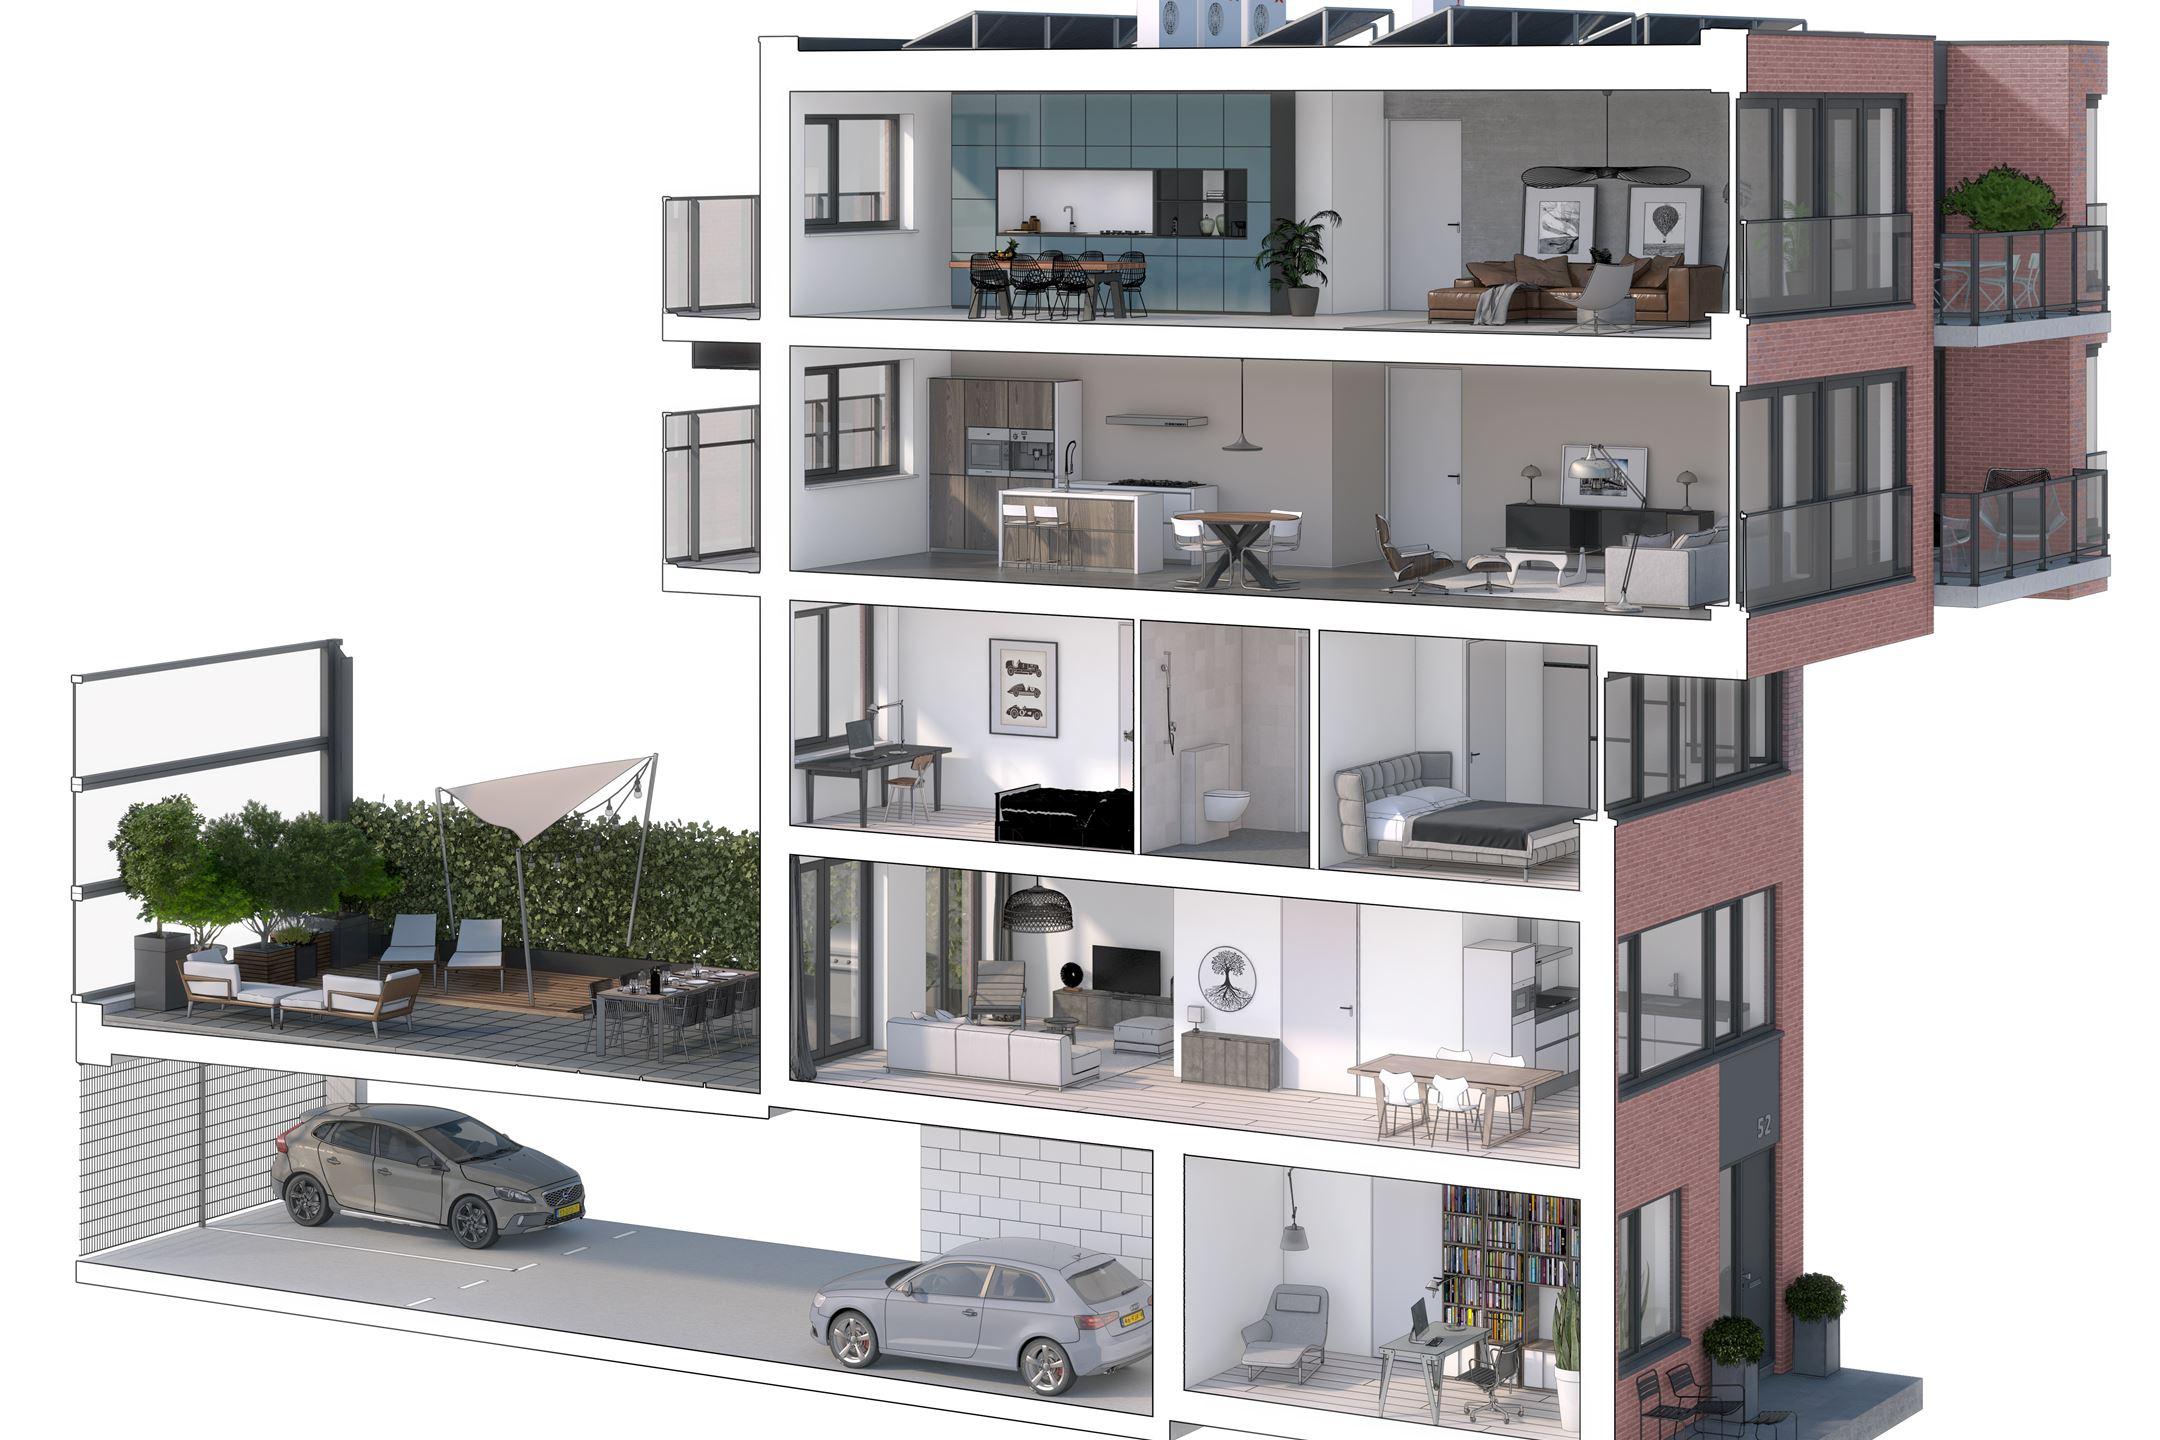 Stoer Inpandig Balkon : Verkocht: bouwnummer bouwnr. 26 2983 gw ridderkerk [funda]